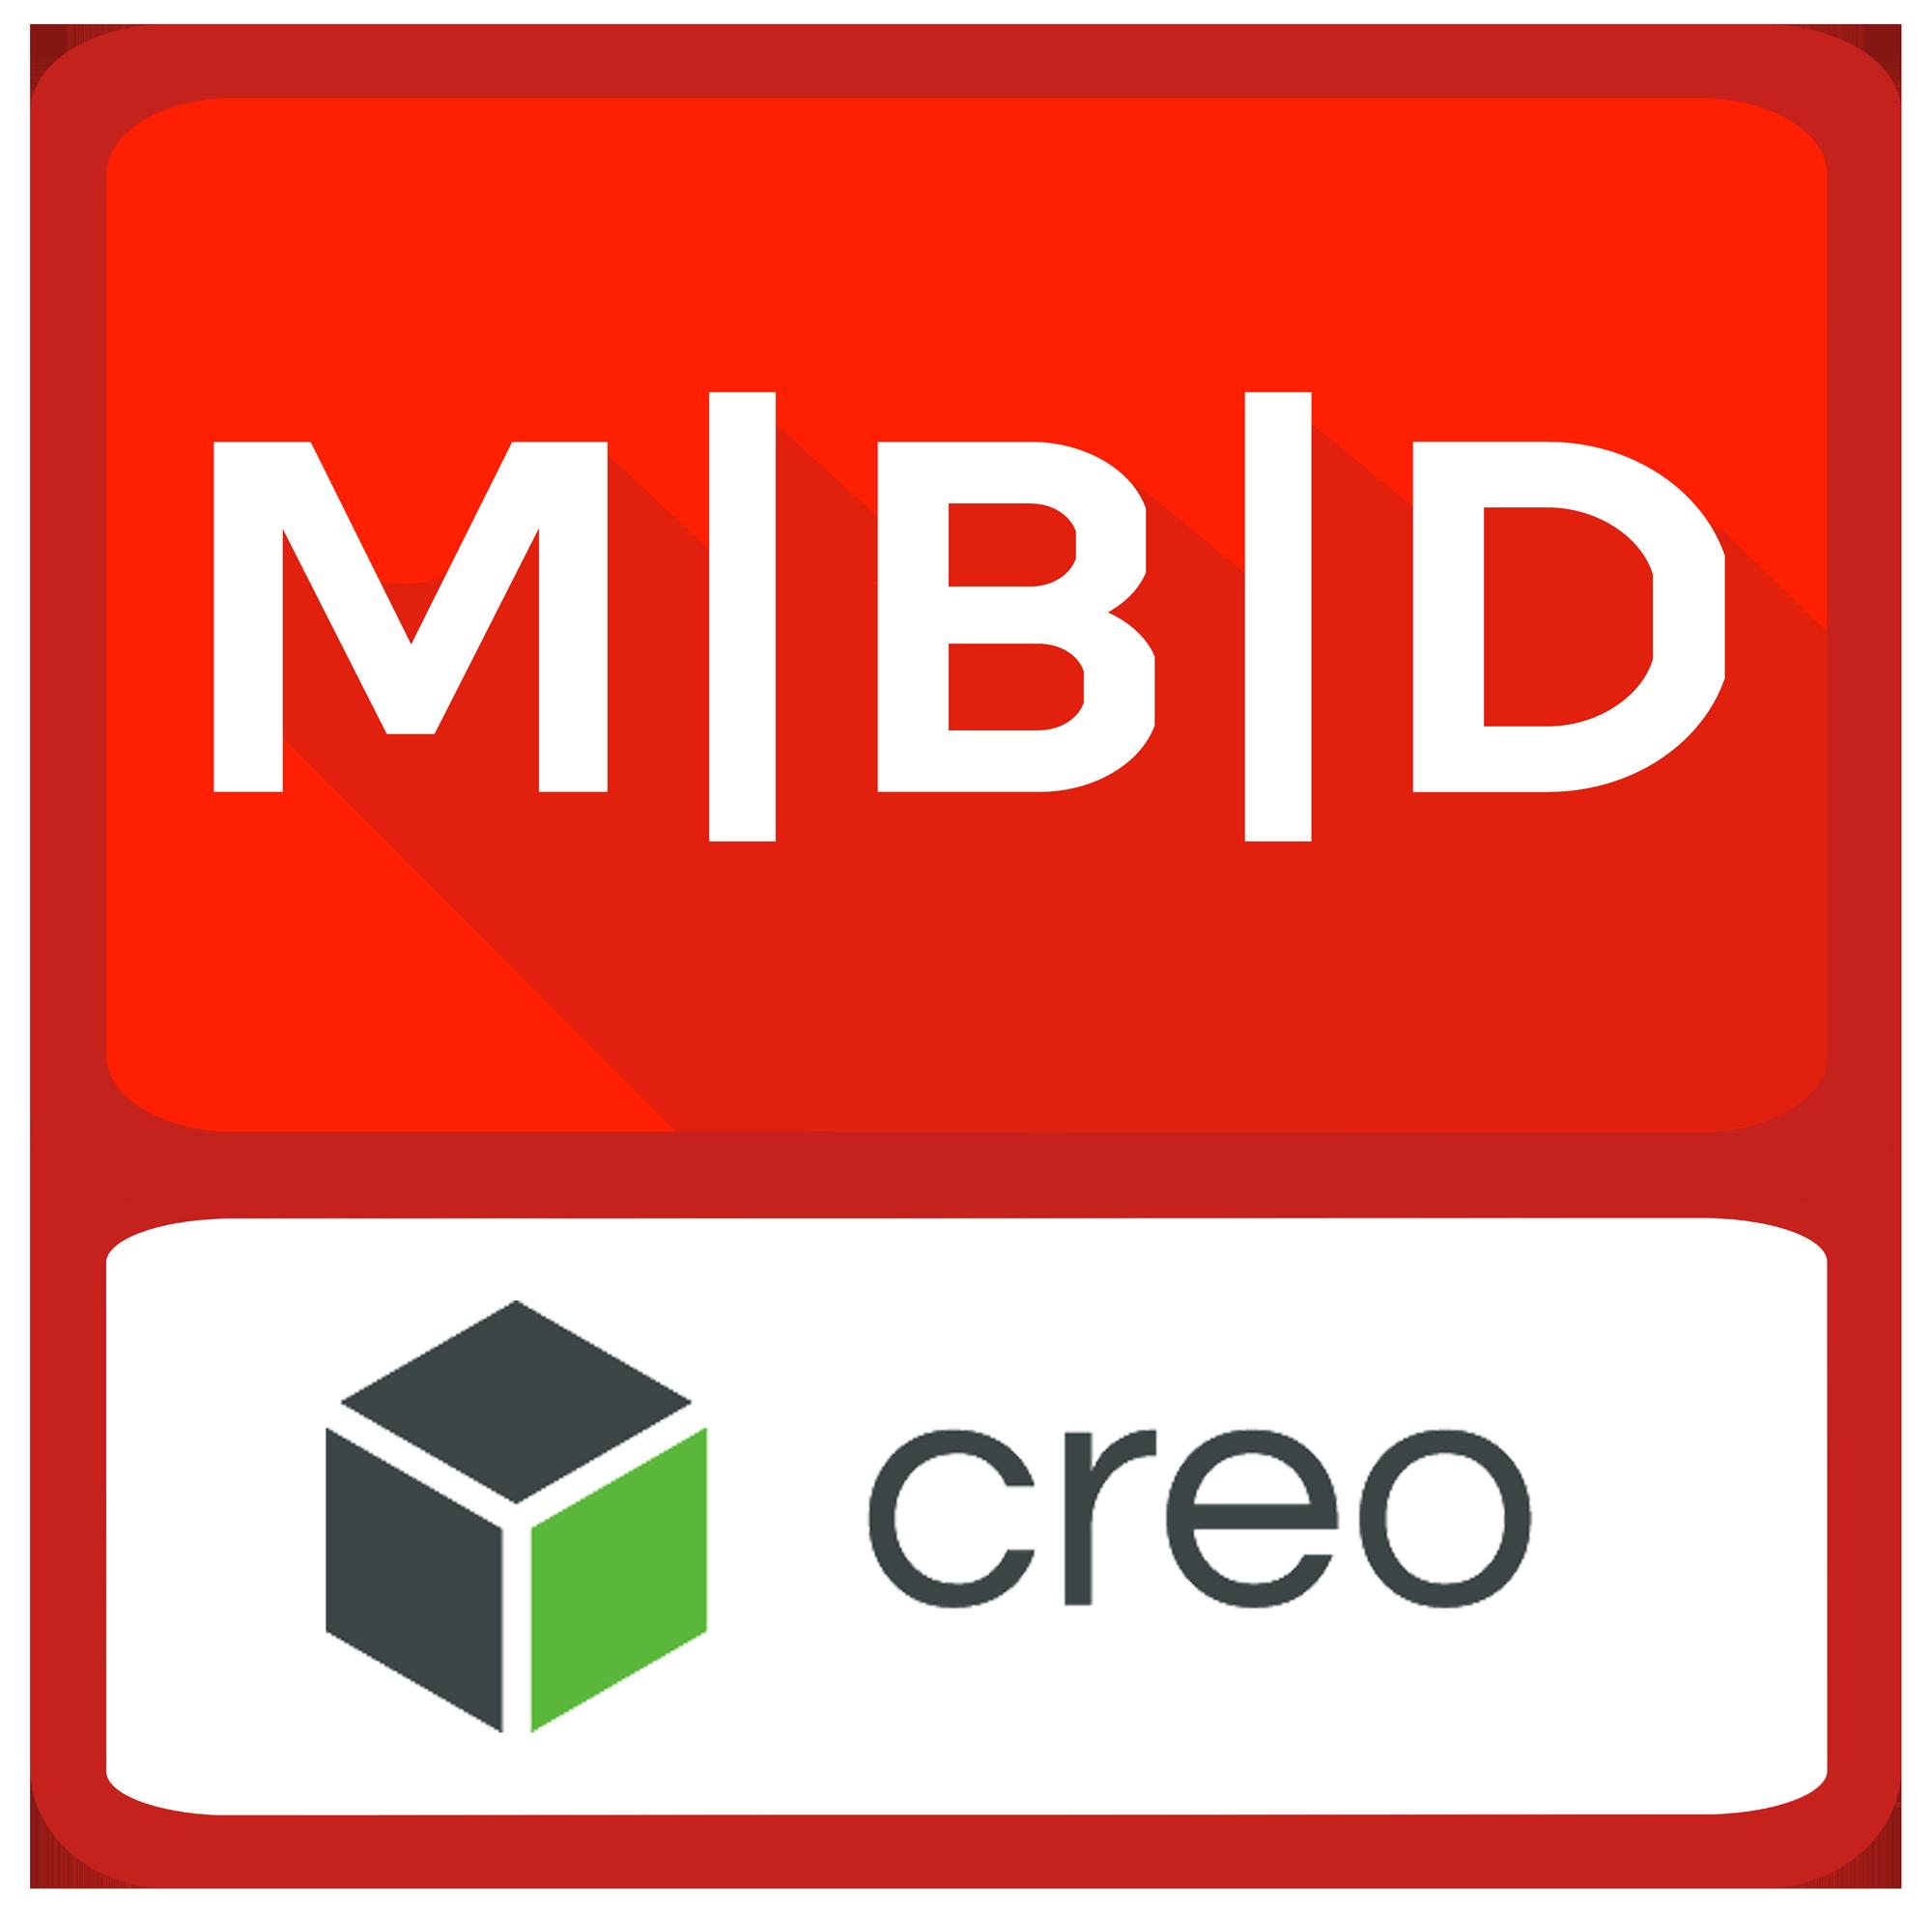 MBDVidia-creo-logo2